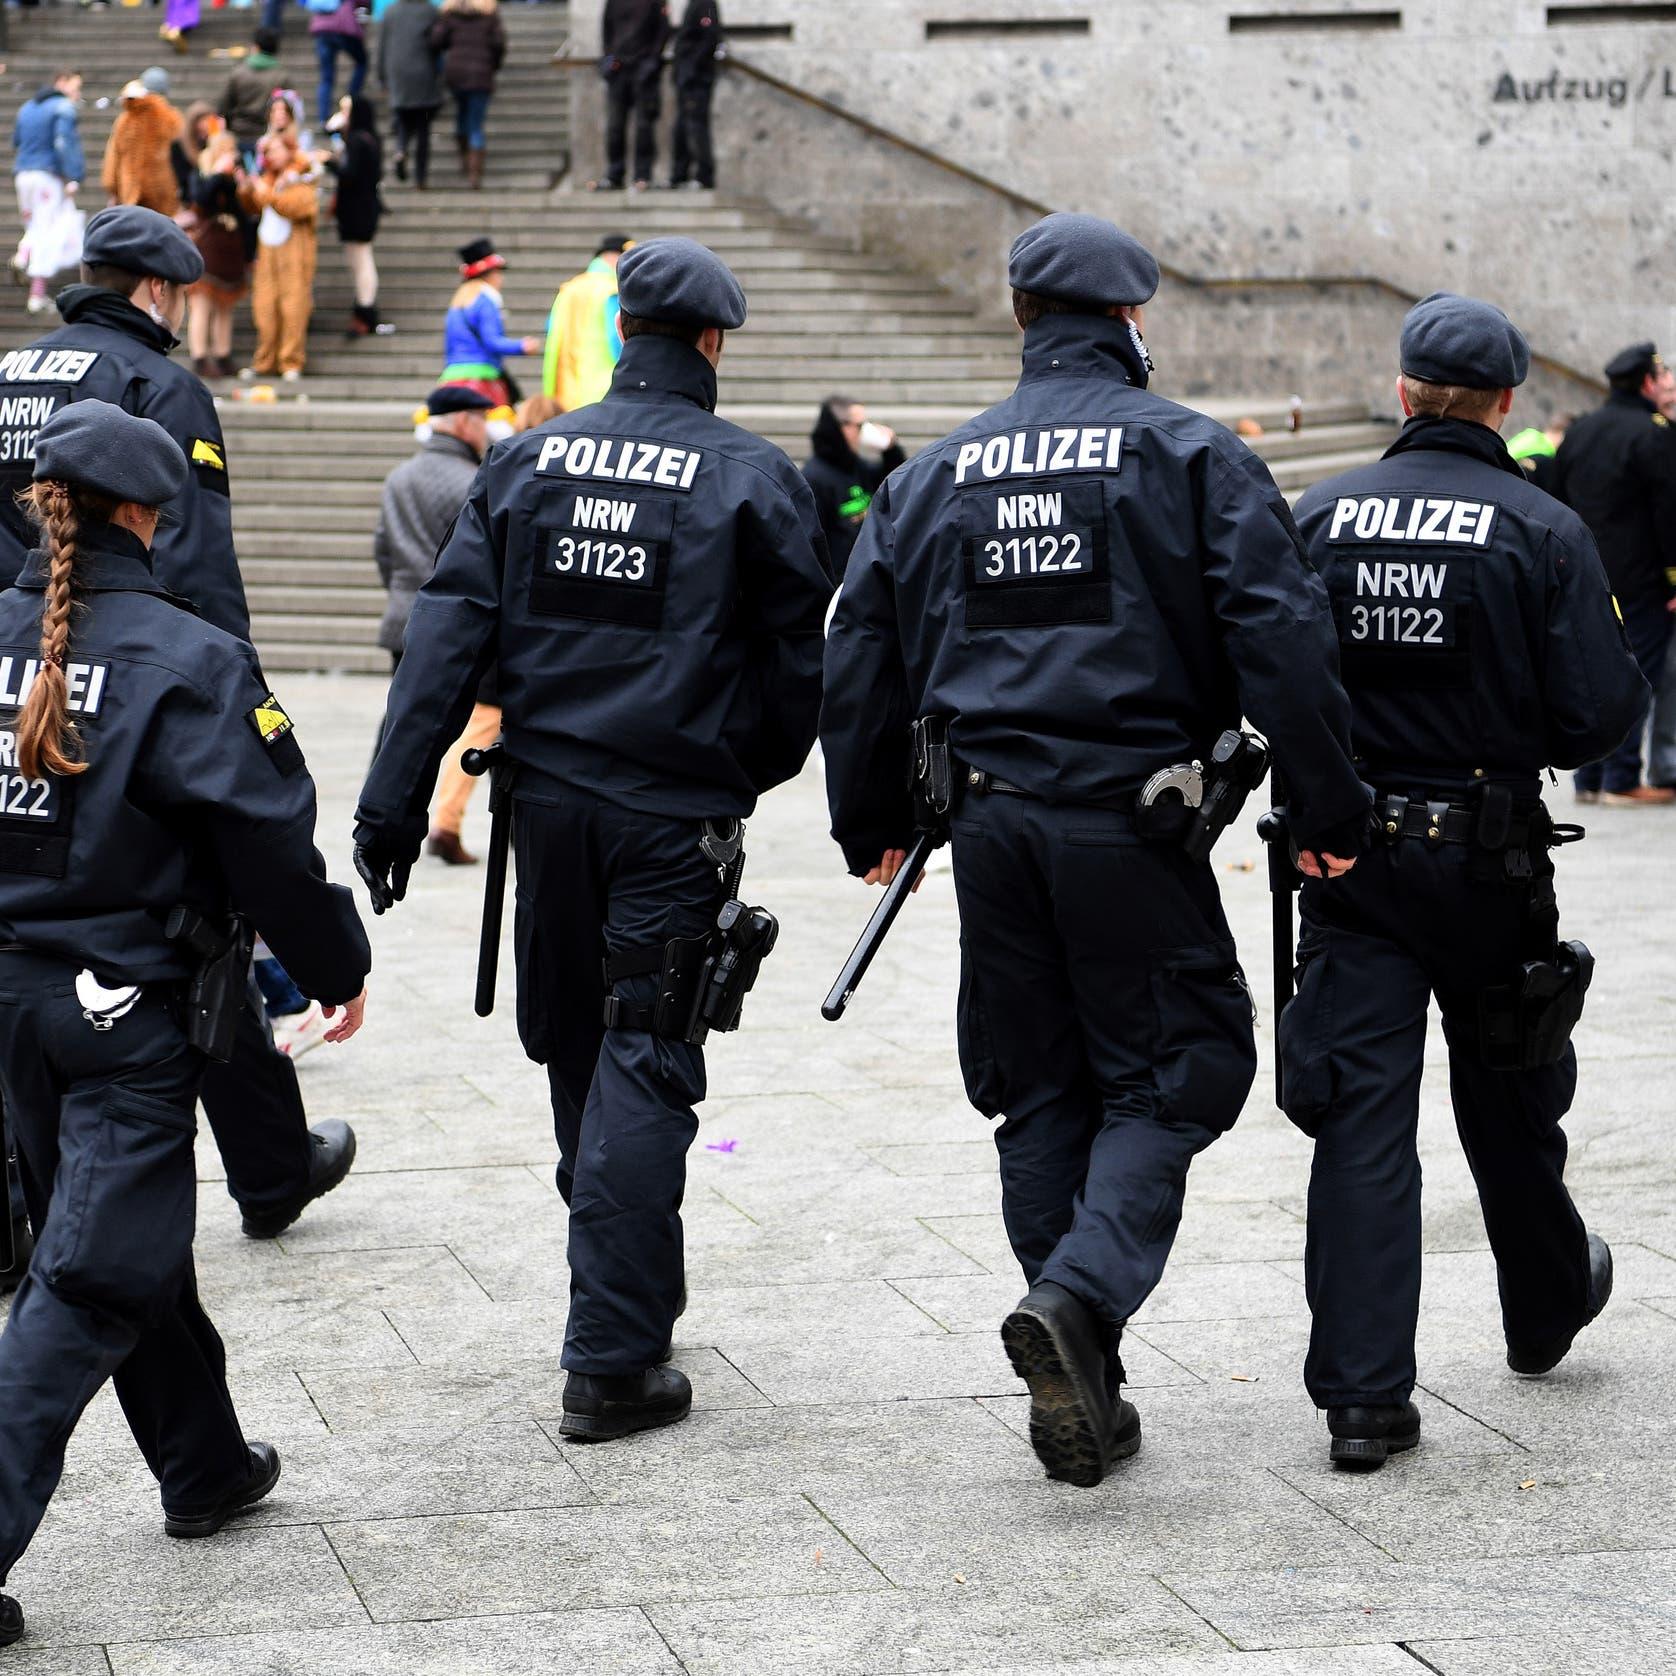 مقتل 4 وجرح 15 آخرين.. حادث دهس في ألمانيا